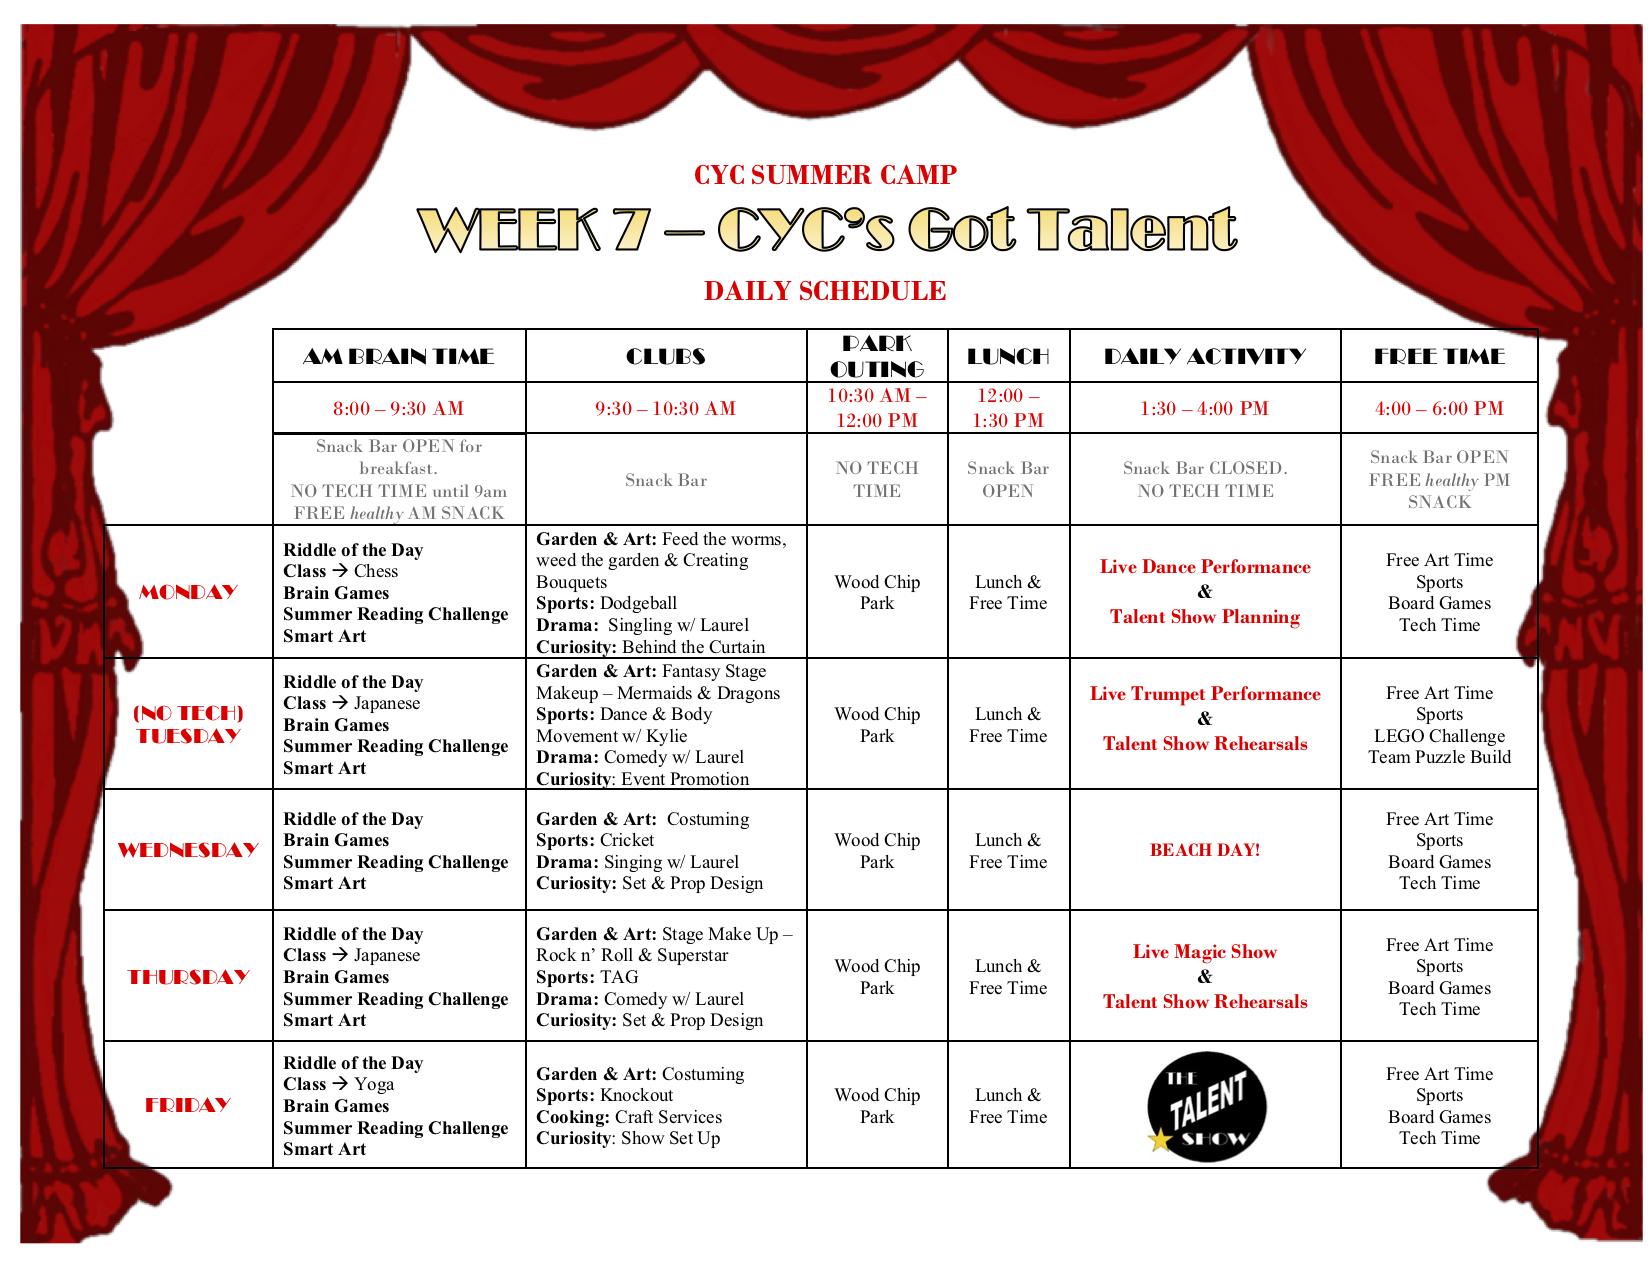 Week 7 Schedule.png